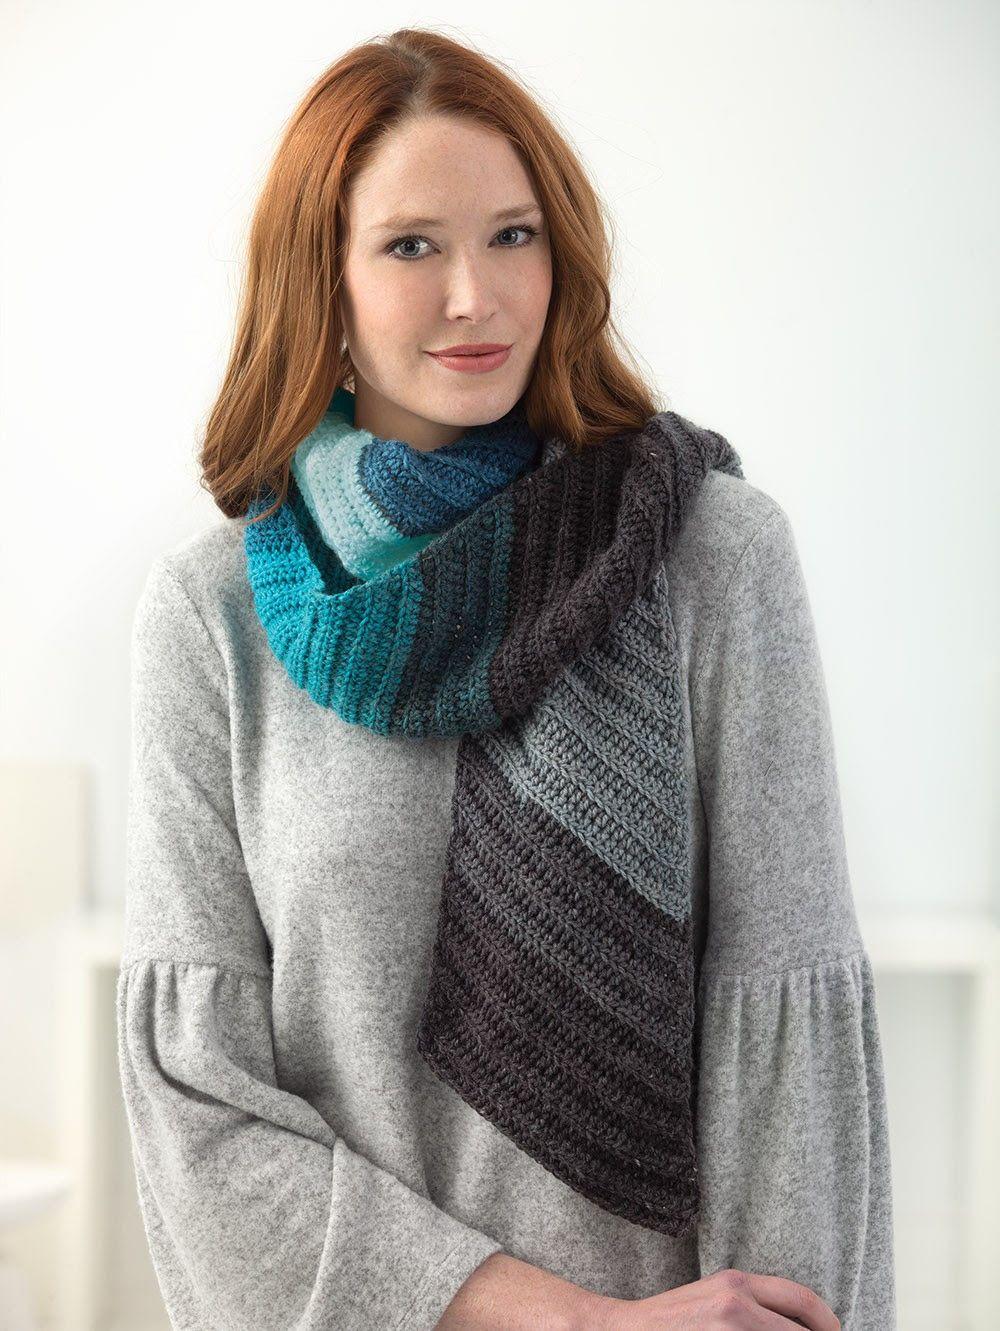 13 Crochet Patterns Using Mandala Yarn Or Similar Yarn